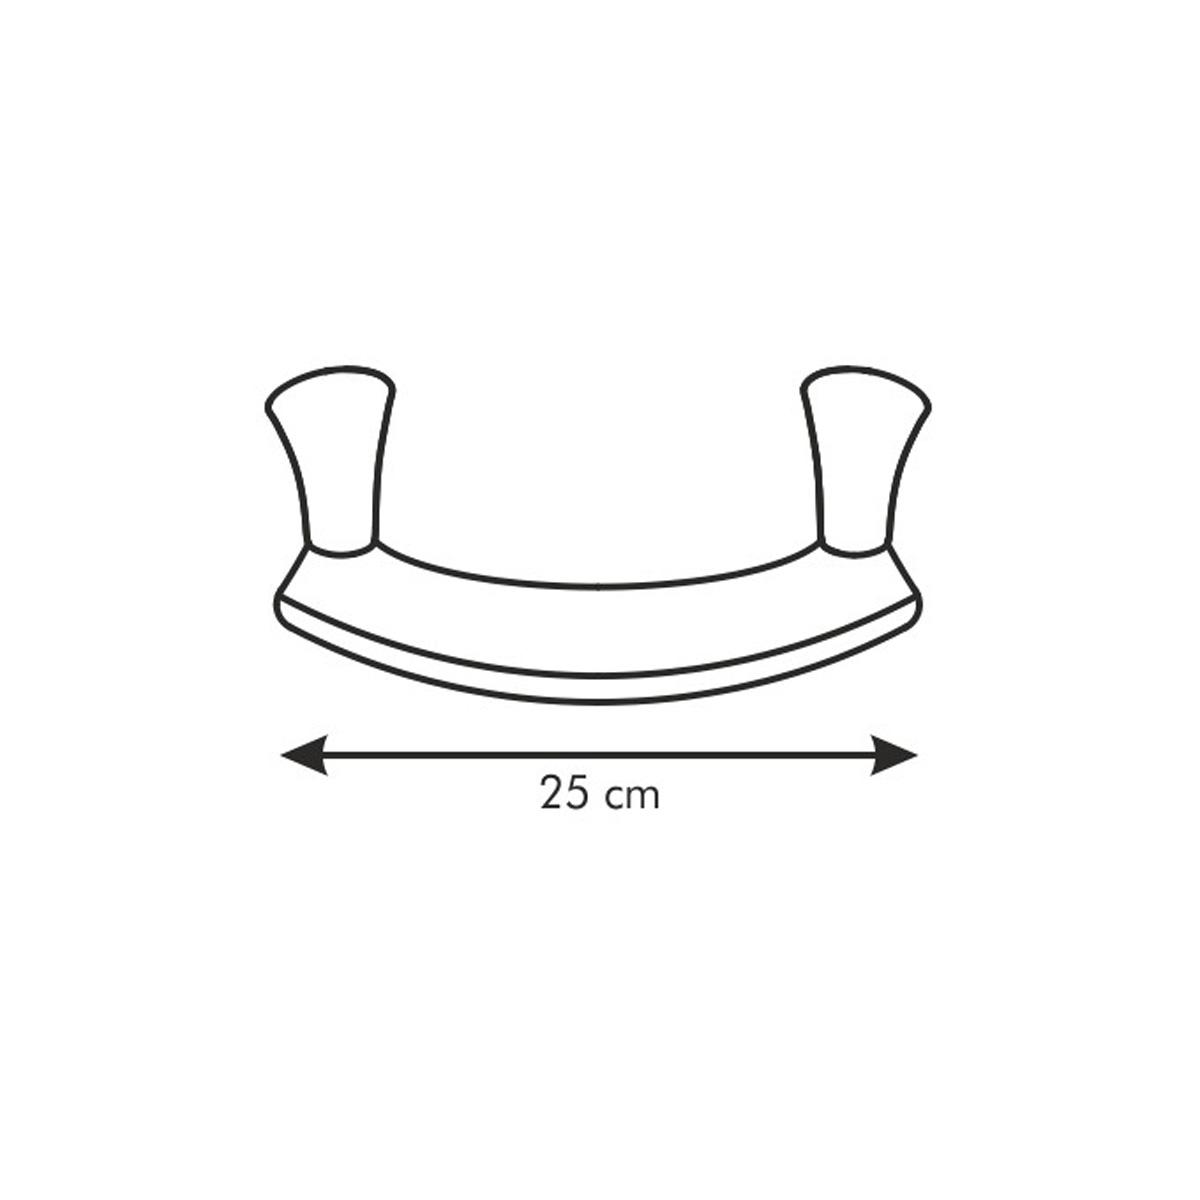 Krájecí kolébka SONIC 25 cm